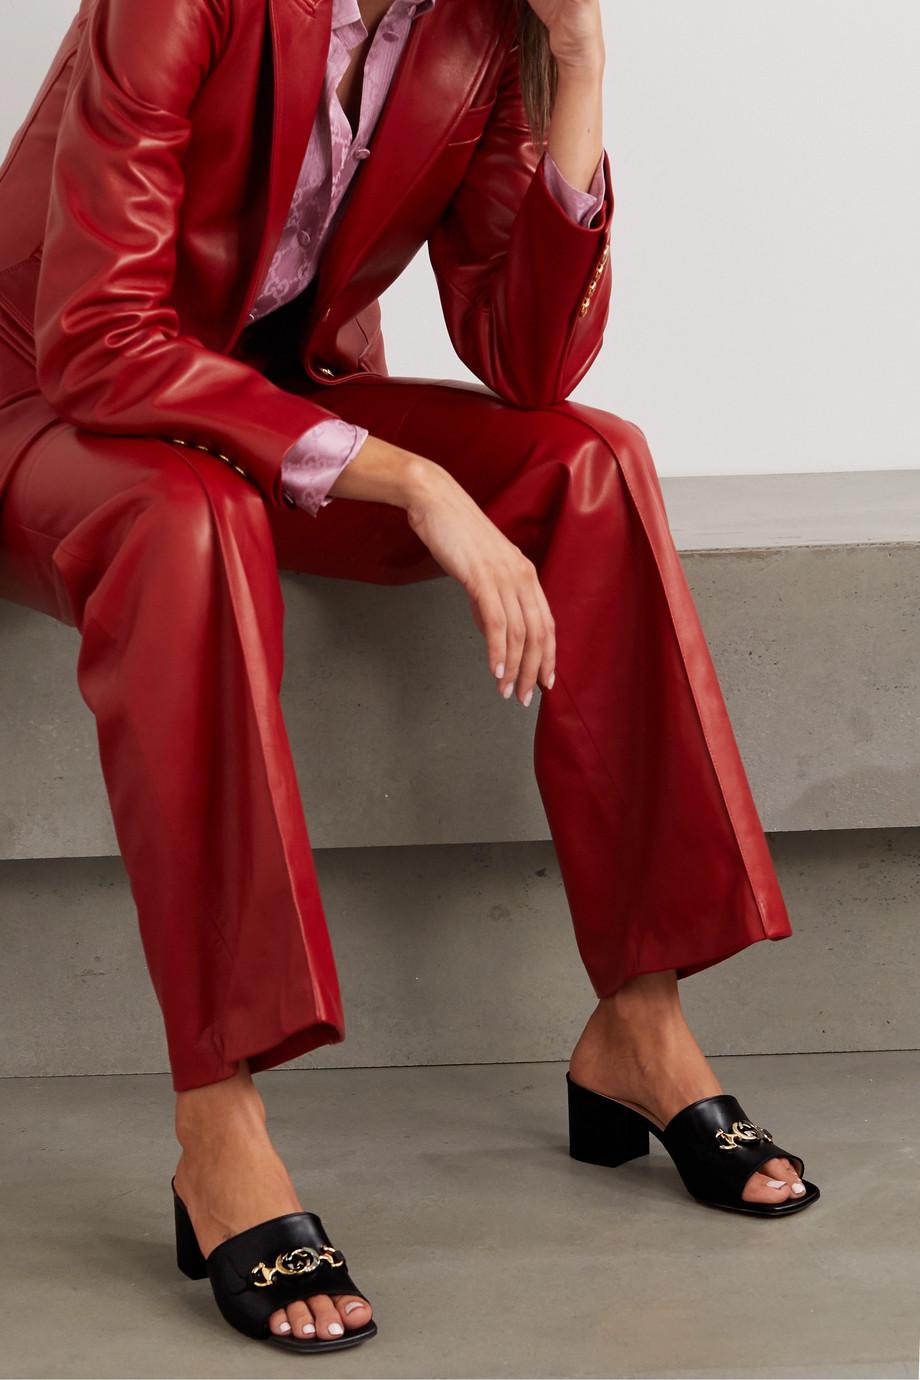 Gucci Zumi Mules aus Leder mit Verzierung